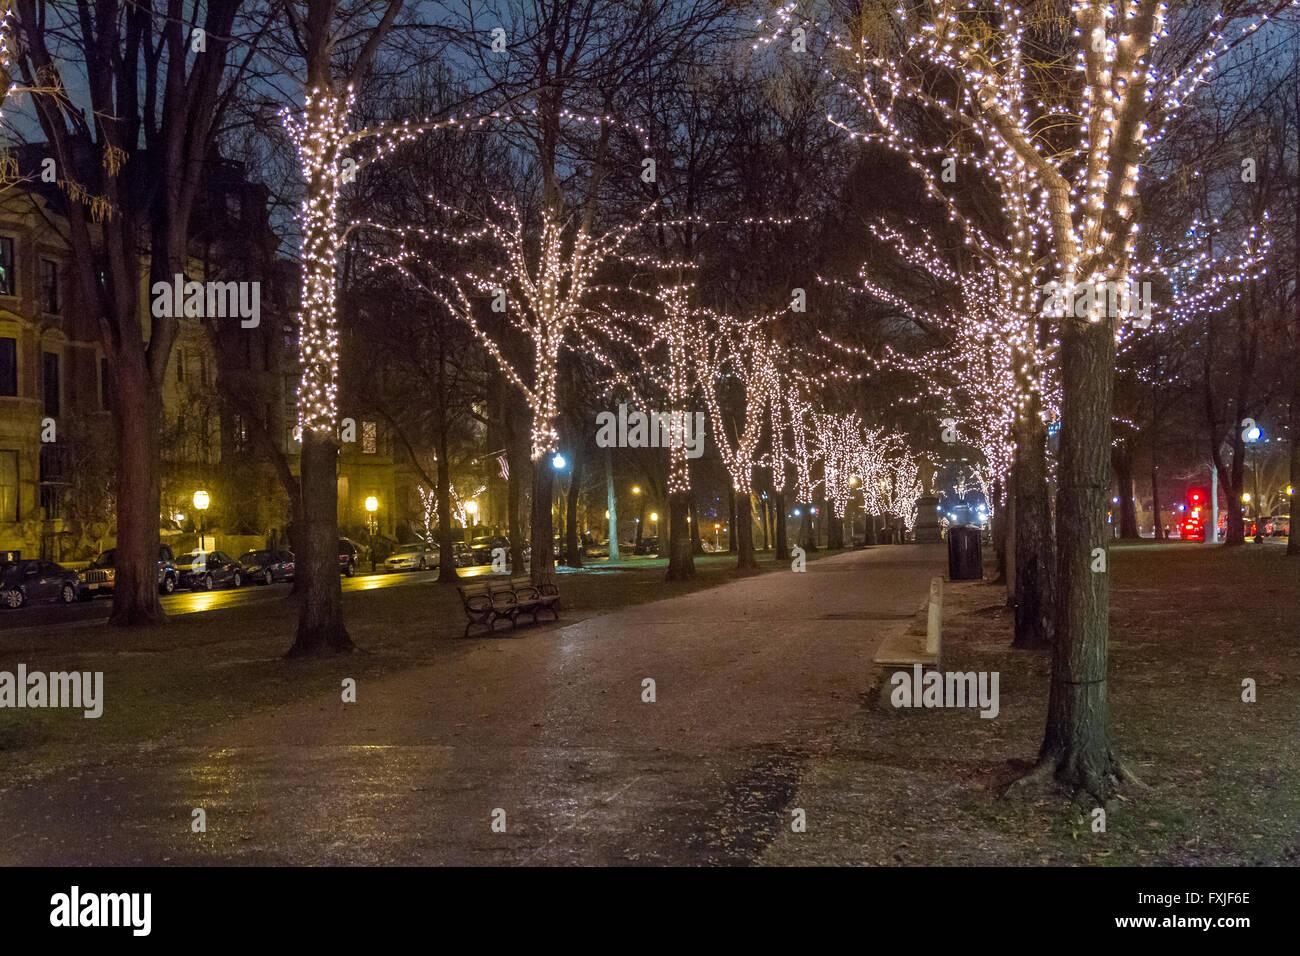 Los árboles iluminados , Commonwealth Avenue, Boston, MA, EE.UU. Imagen De Stock